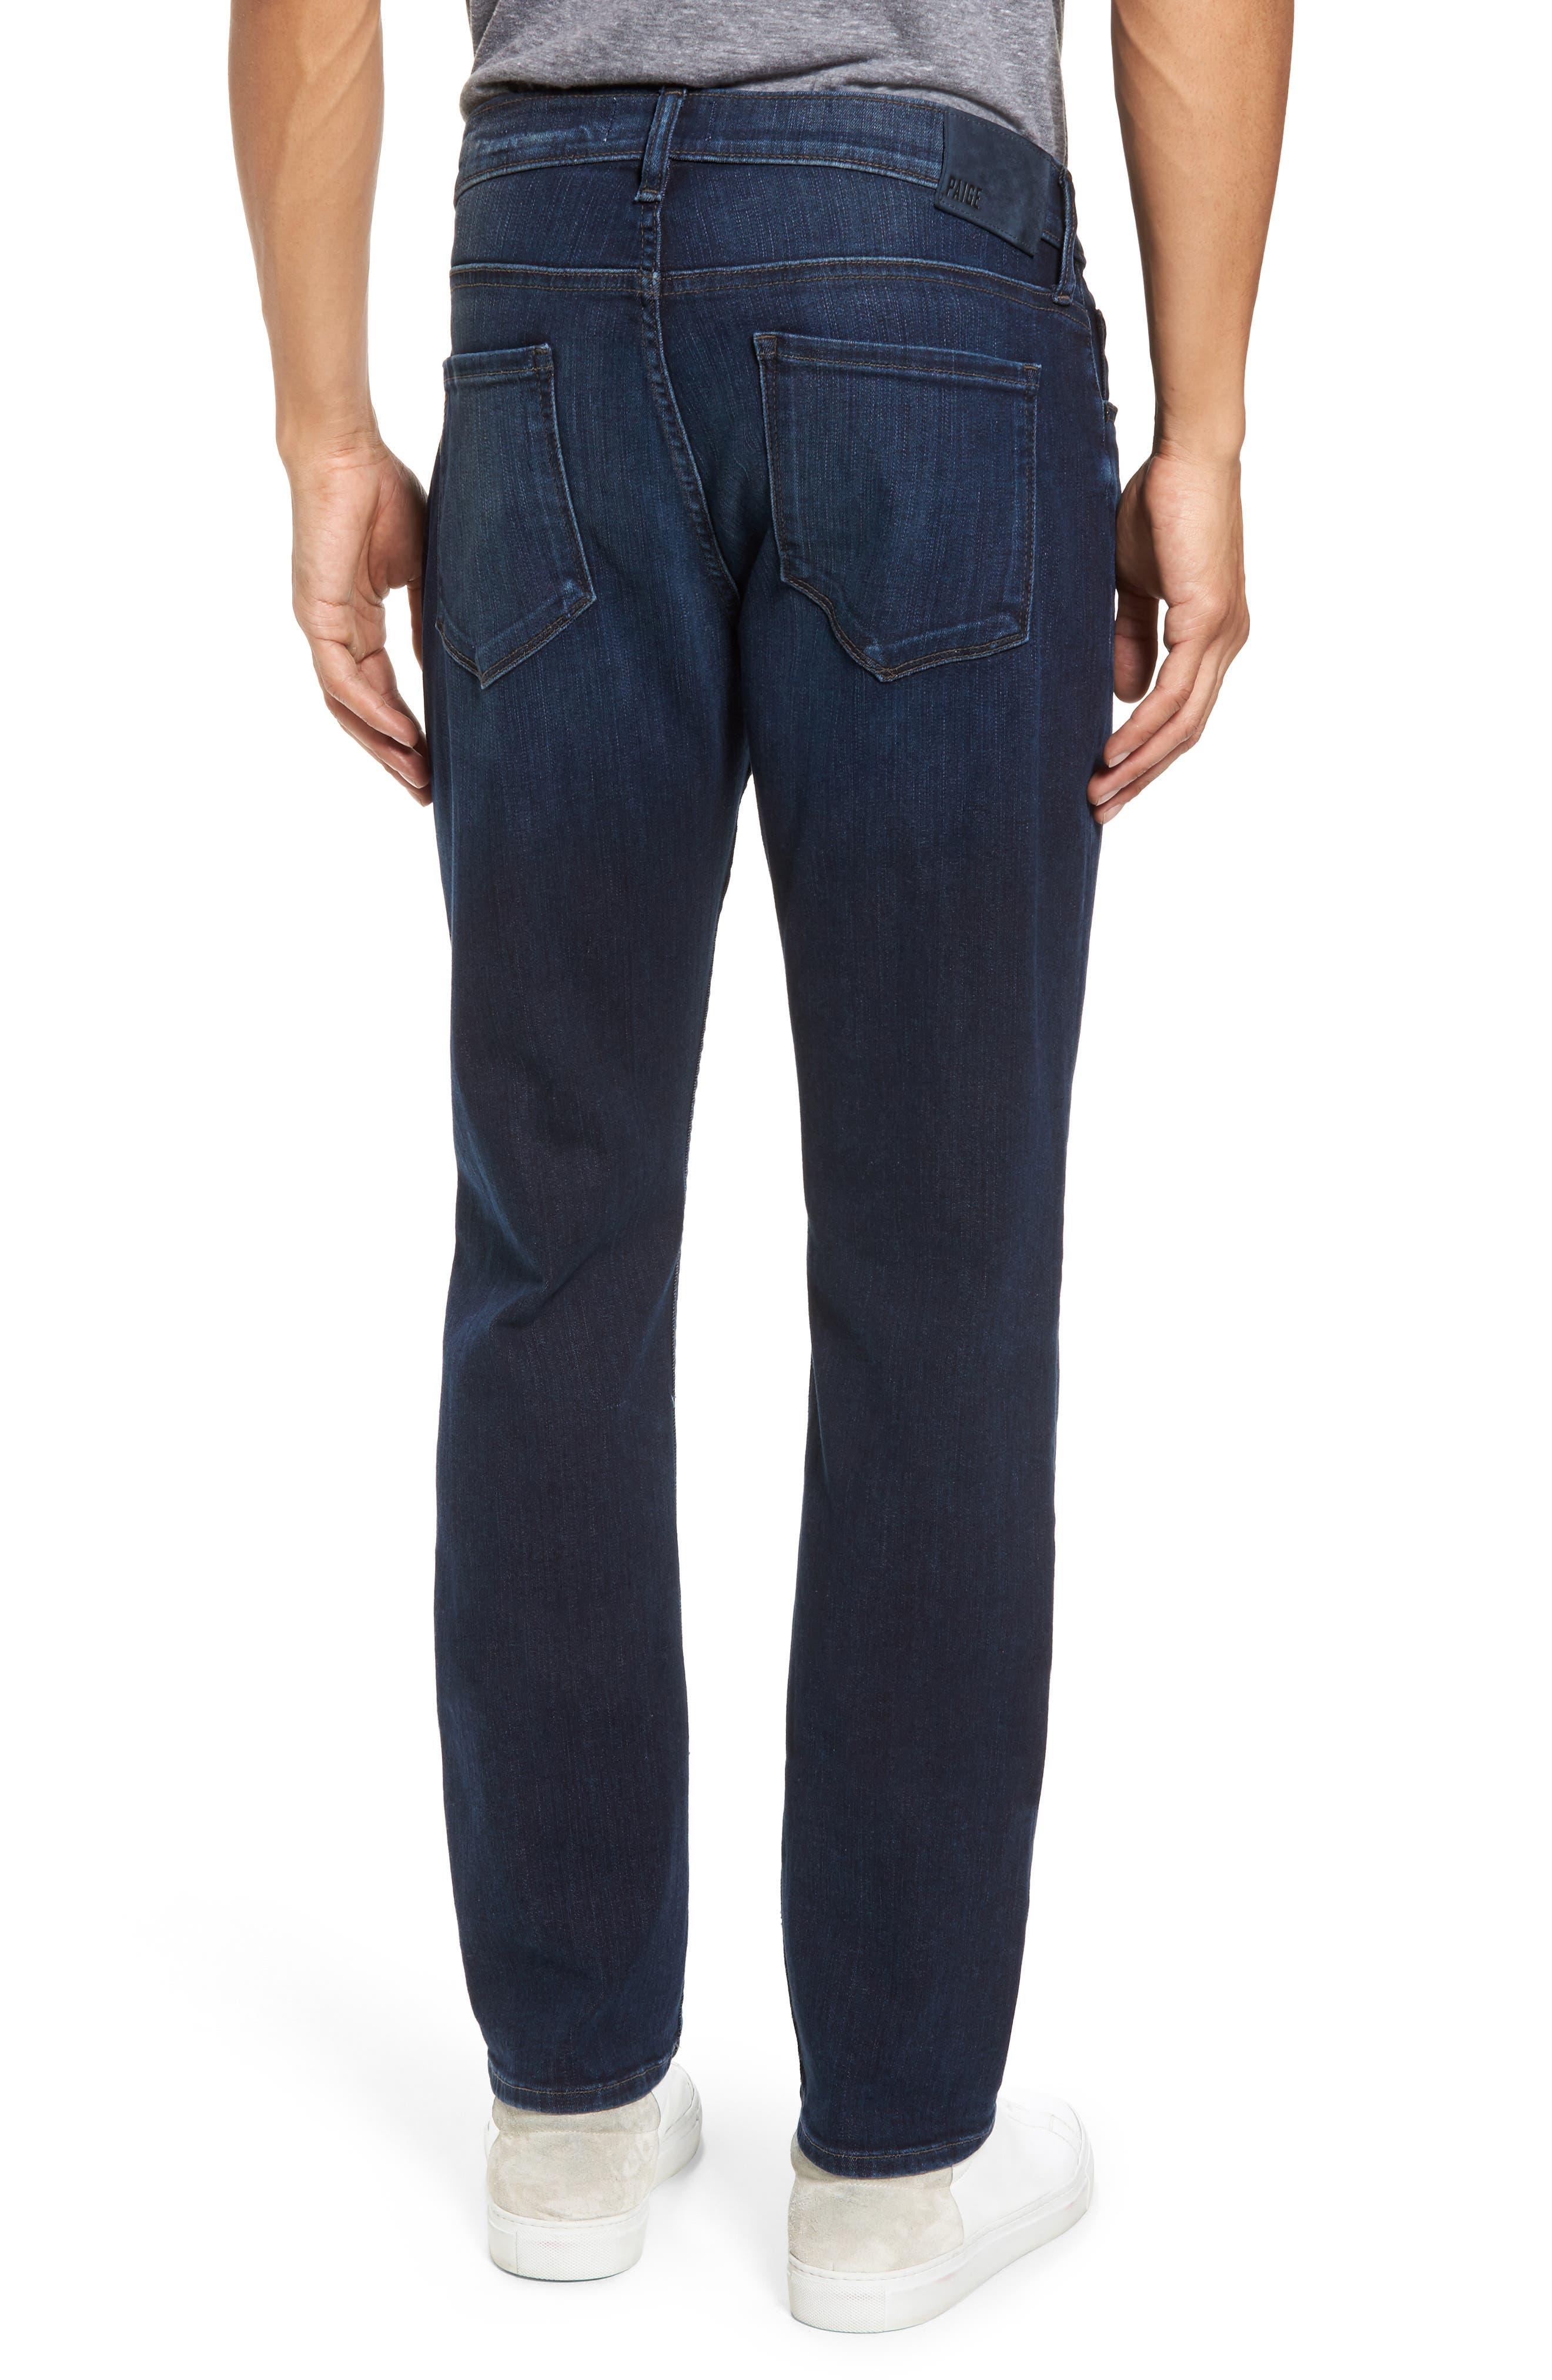 Transcend - Federal Slim Straight Leg Jeans,                             Alternate thumbnail 2, color,                             Graham